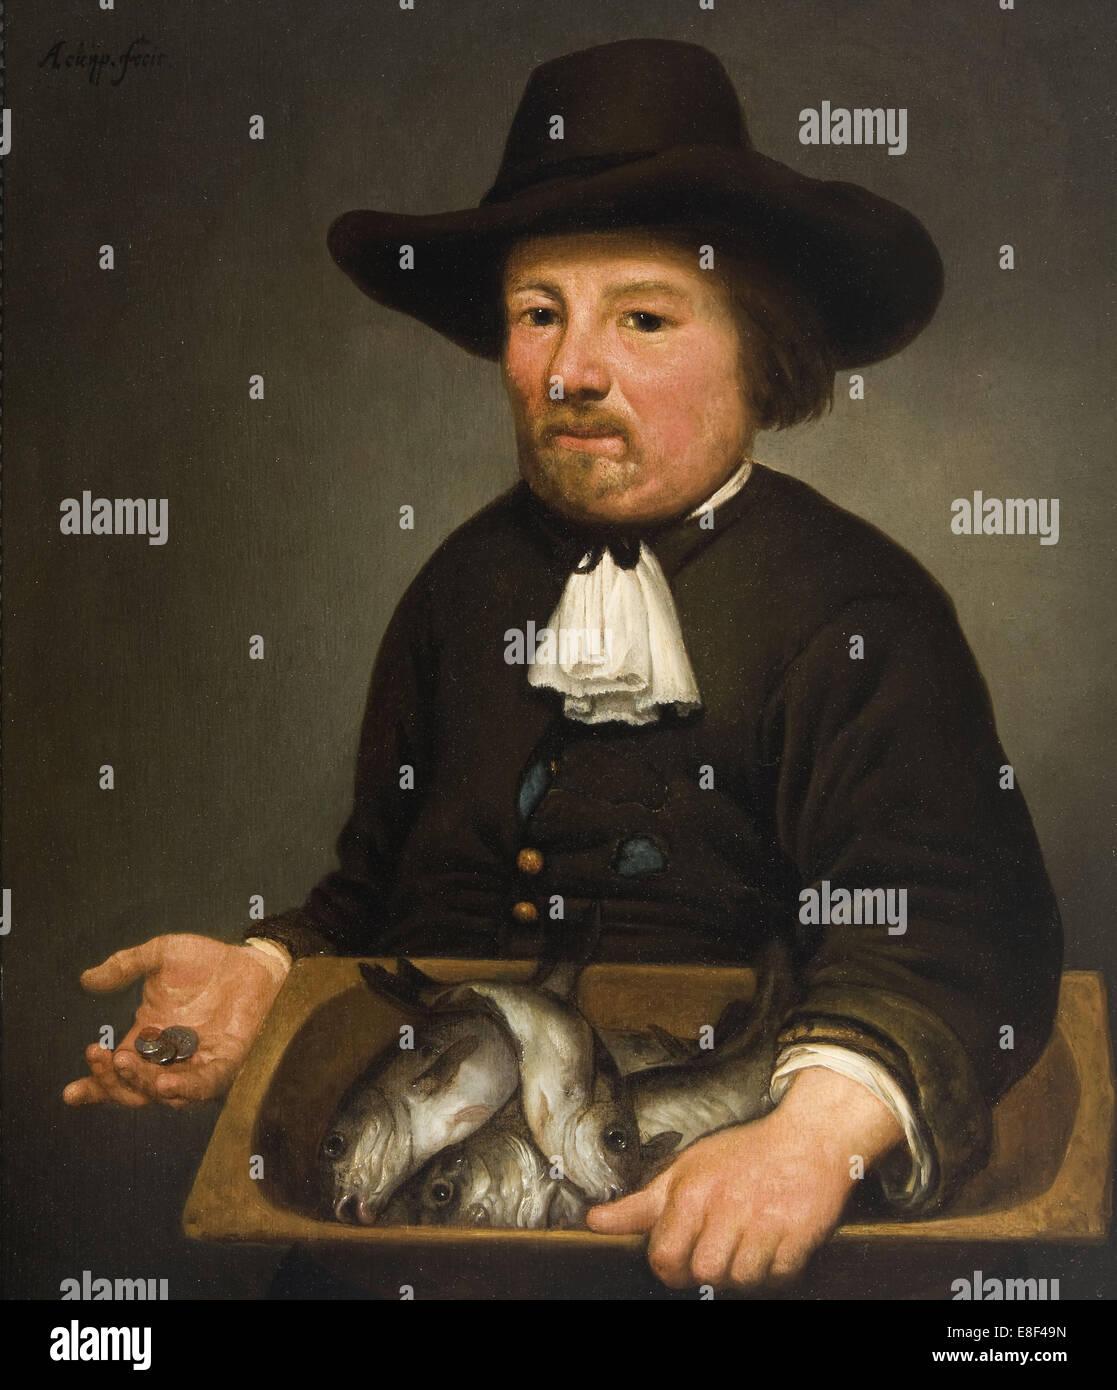 Mann mit dem Eimer von Fischen. Künstler: Cuyp, Aelbert (1620-1691) Stockbild